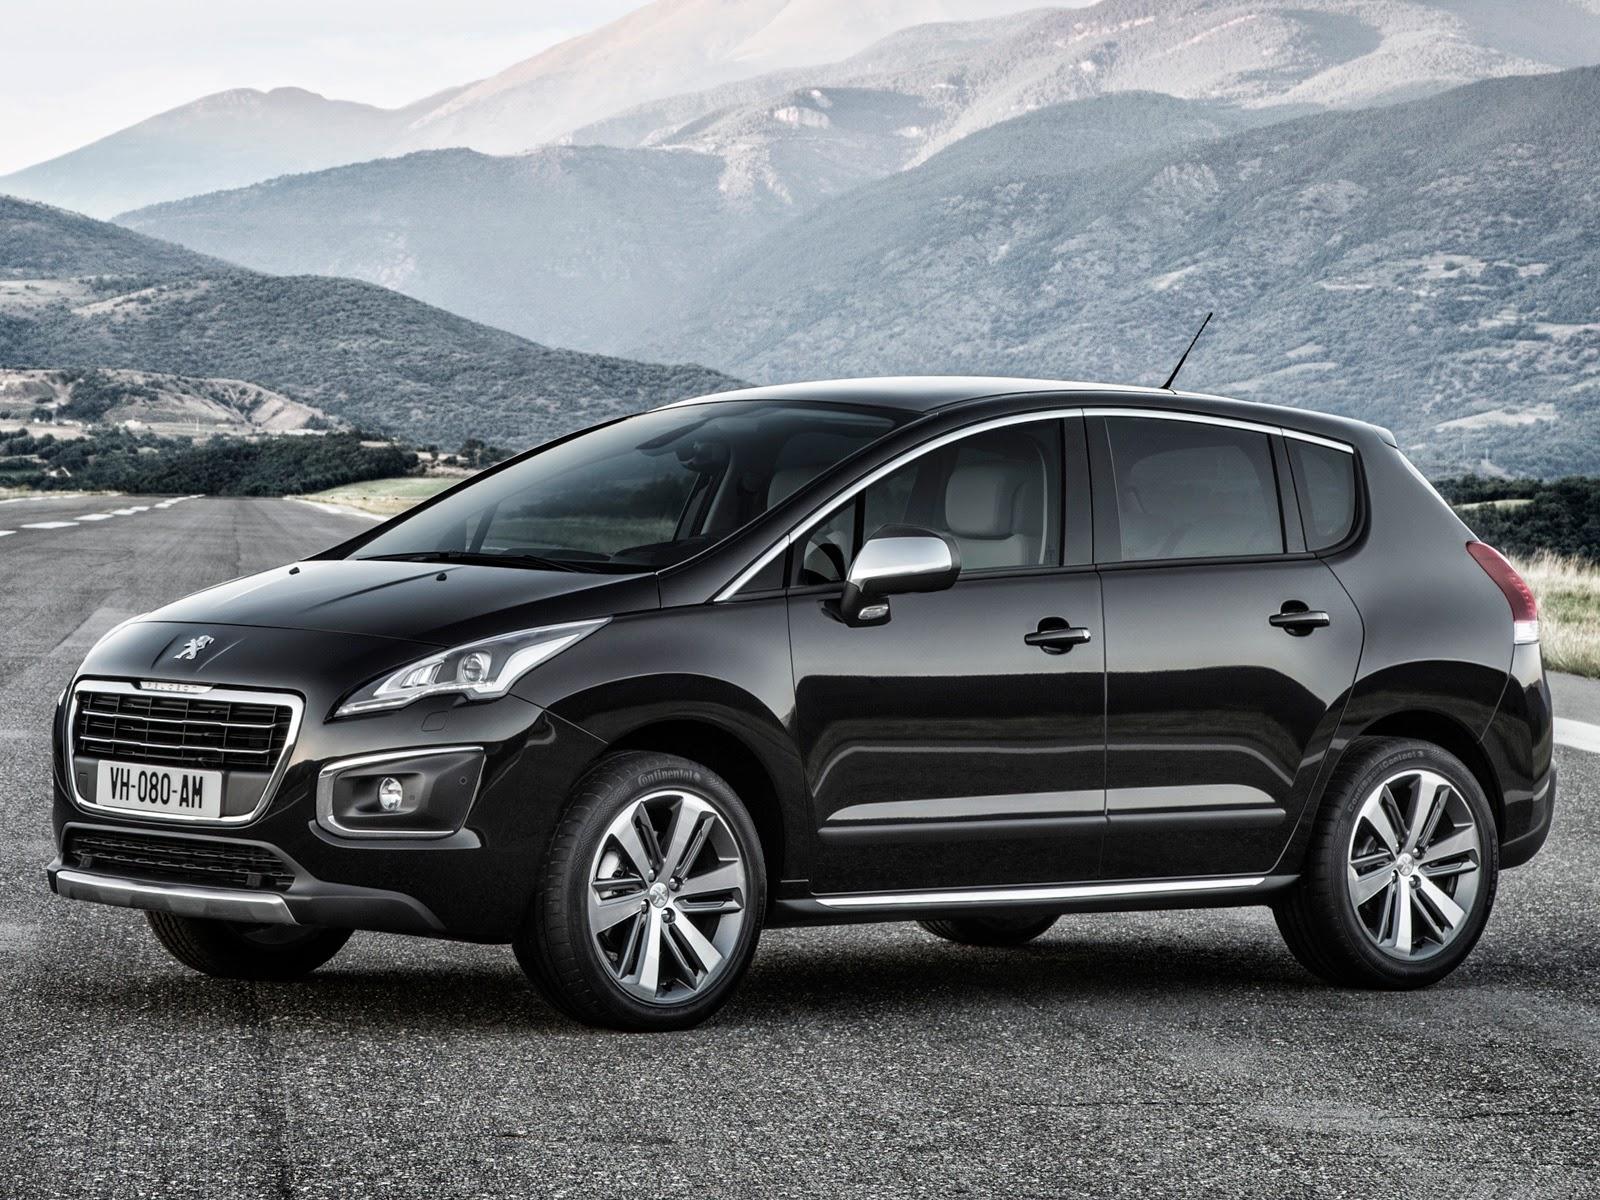 Peugeot_3008_01